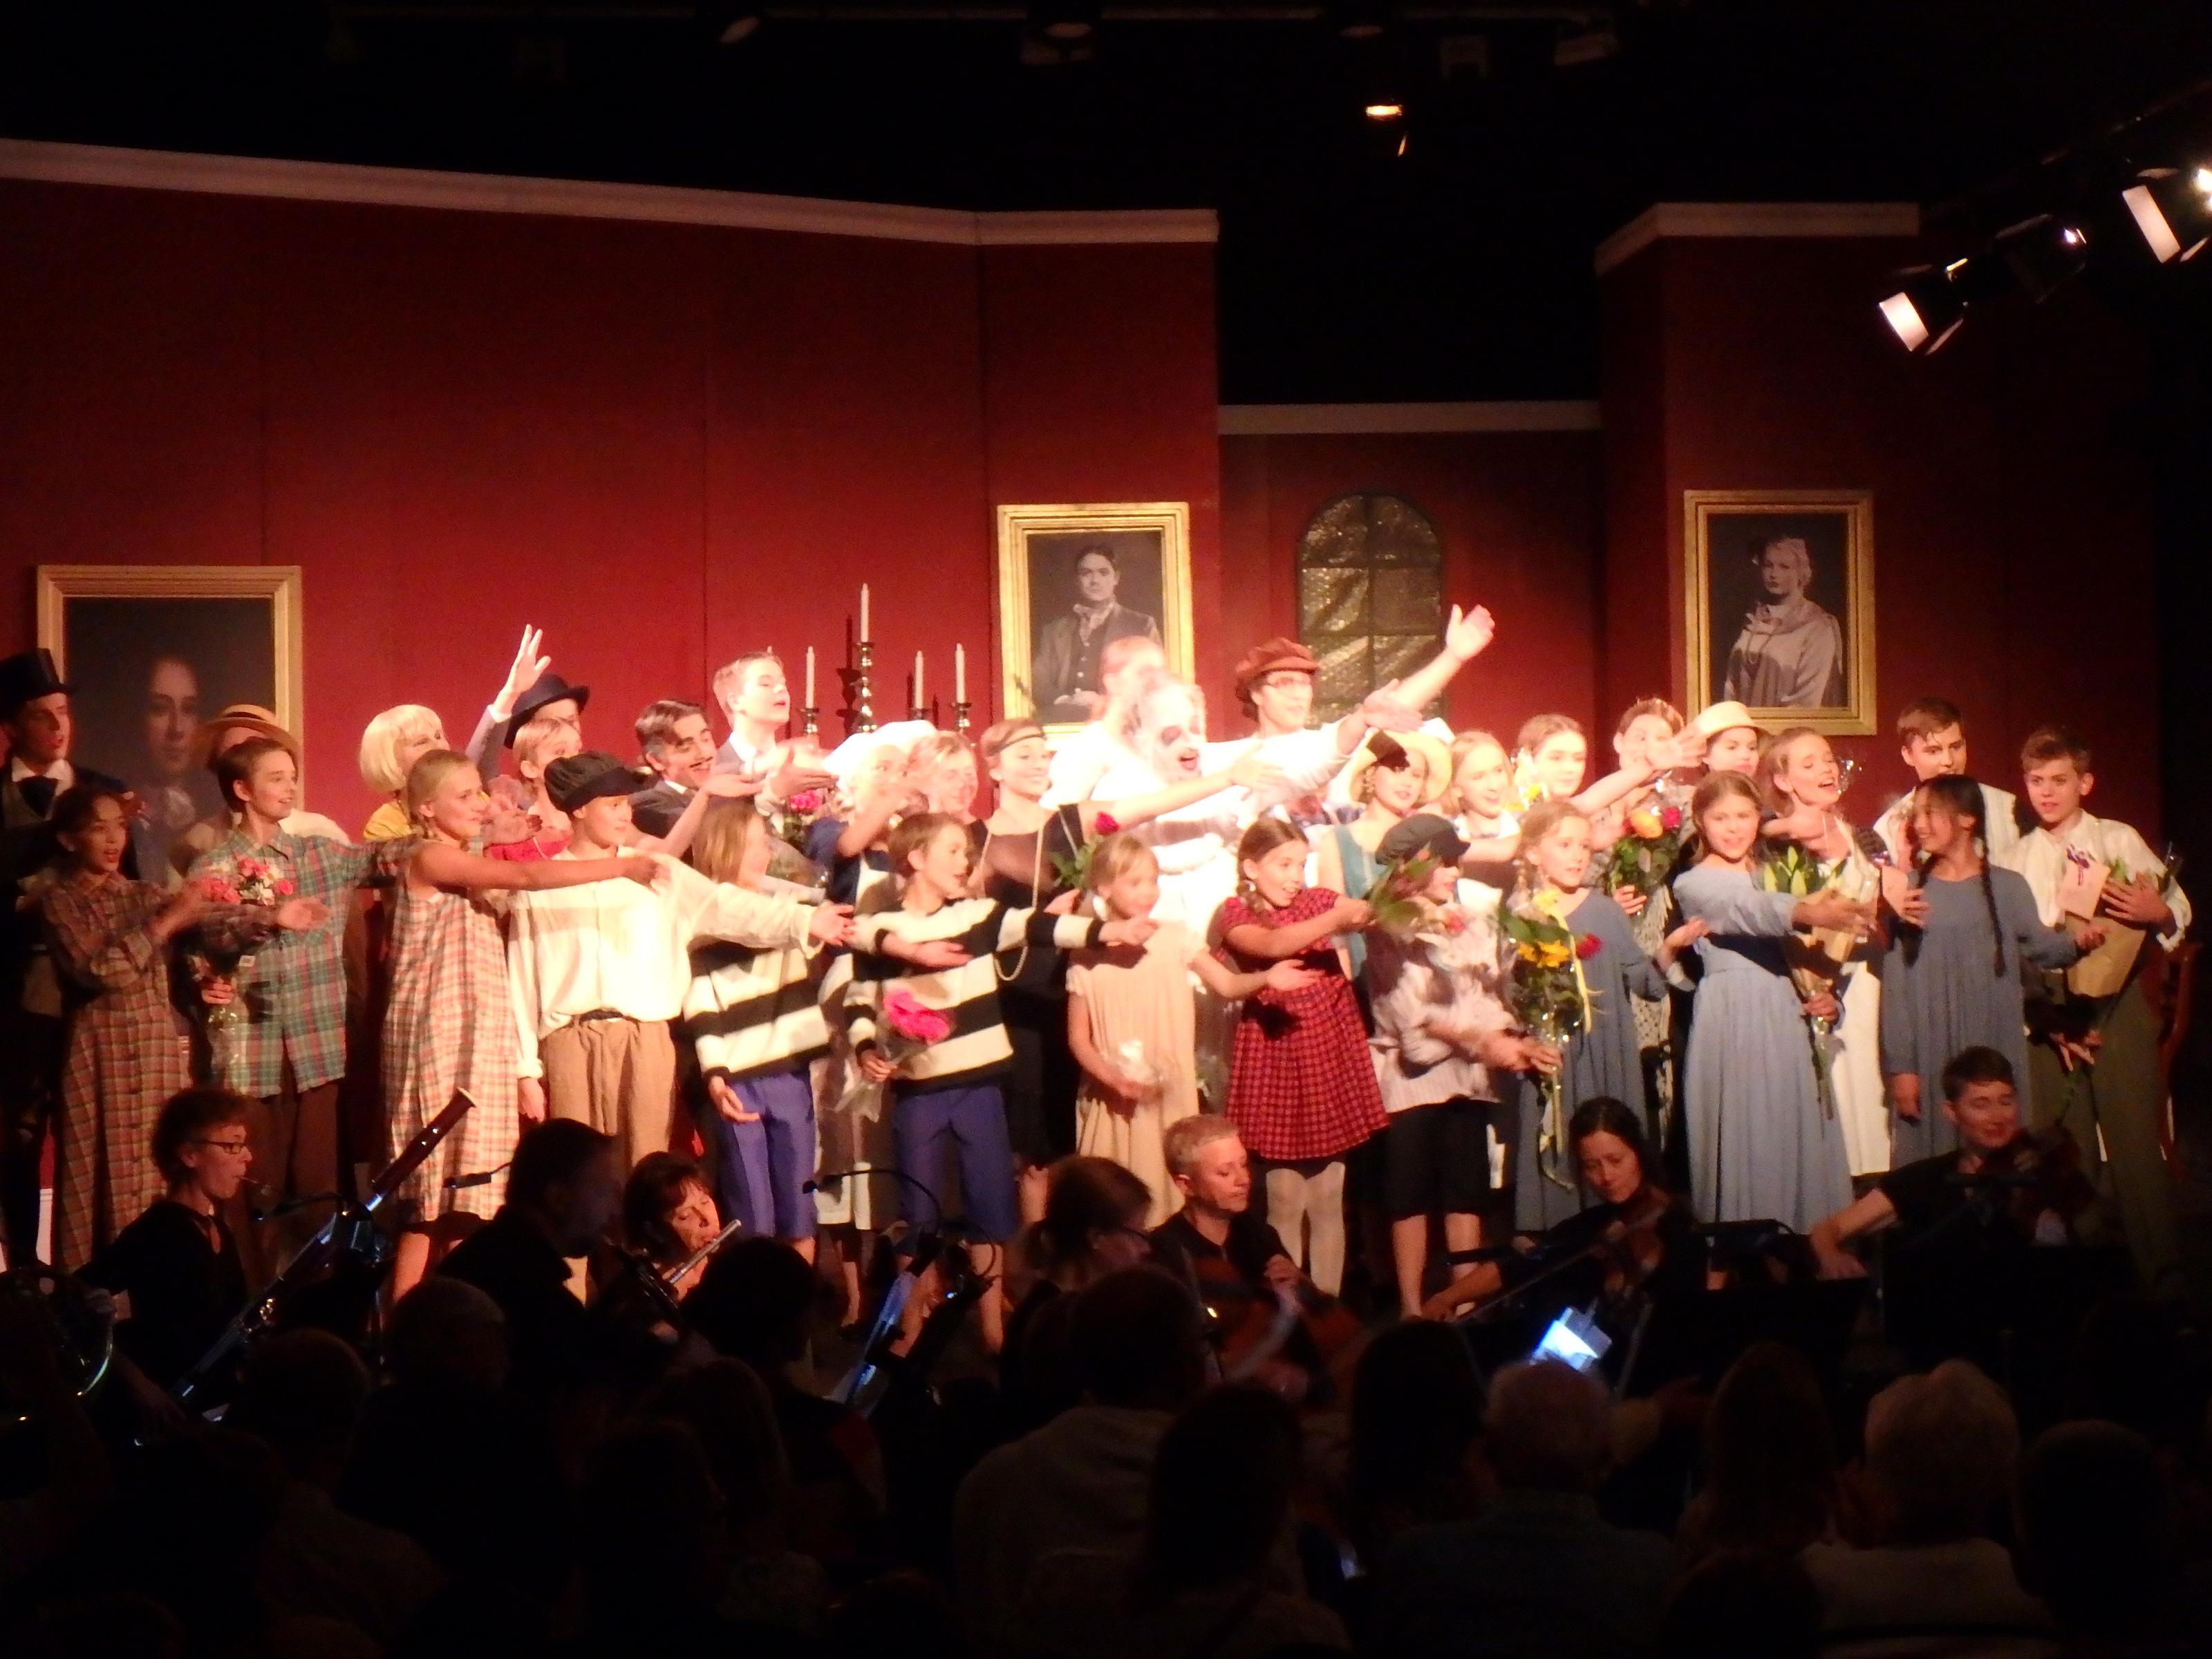 Stora ovationer för ensemble och orkester - Foto: Belinda Graham